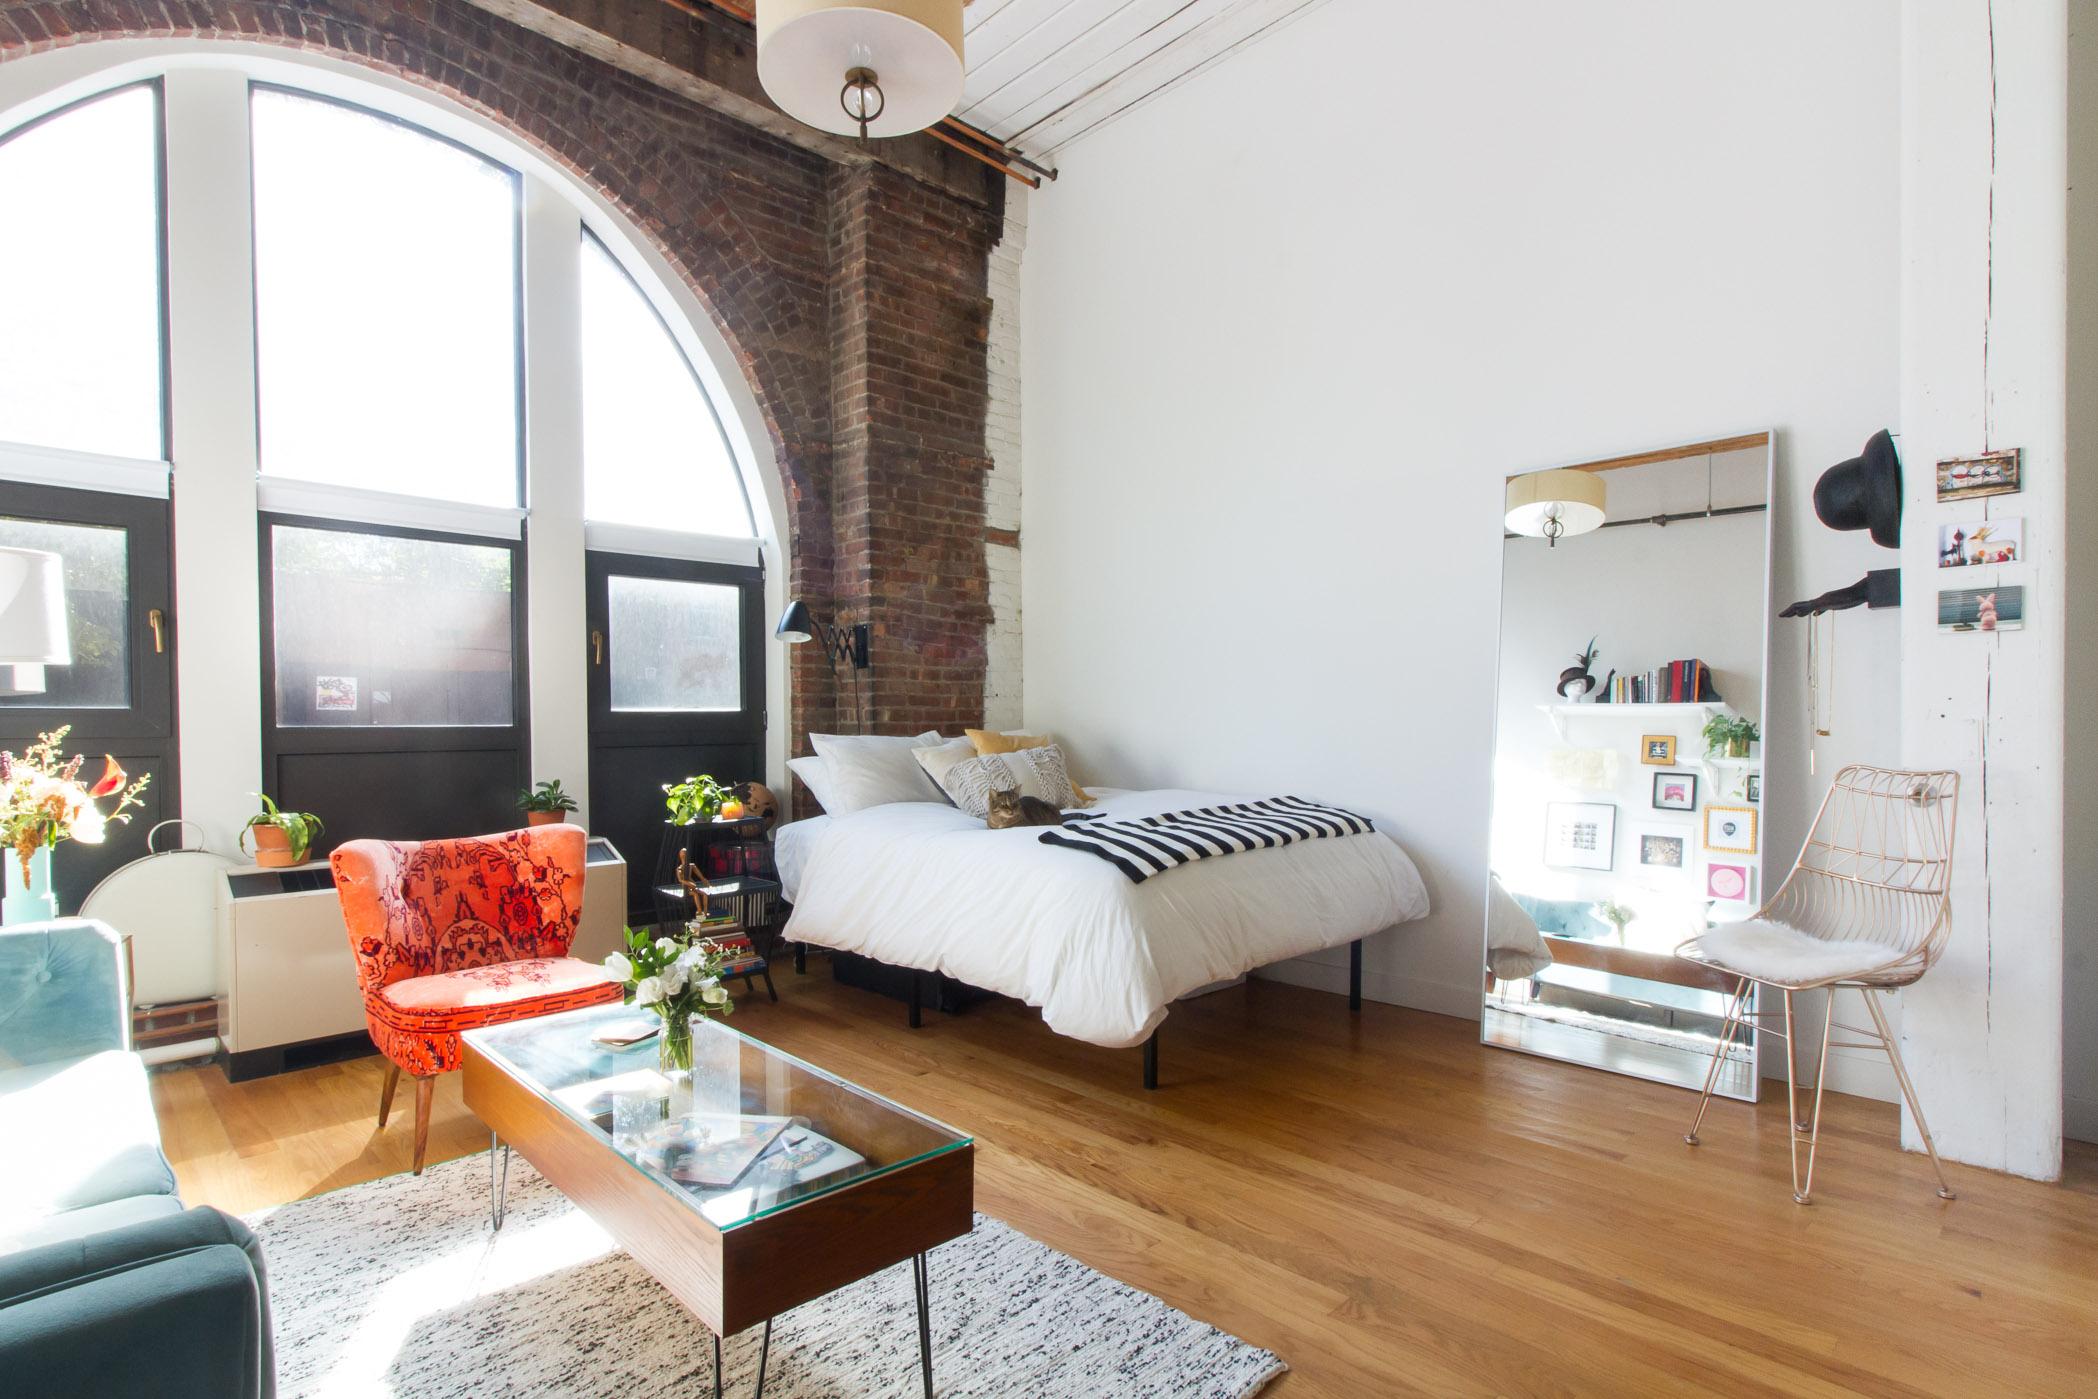 Однокомнатная квартира 40 кв м с высокими потолками